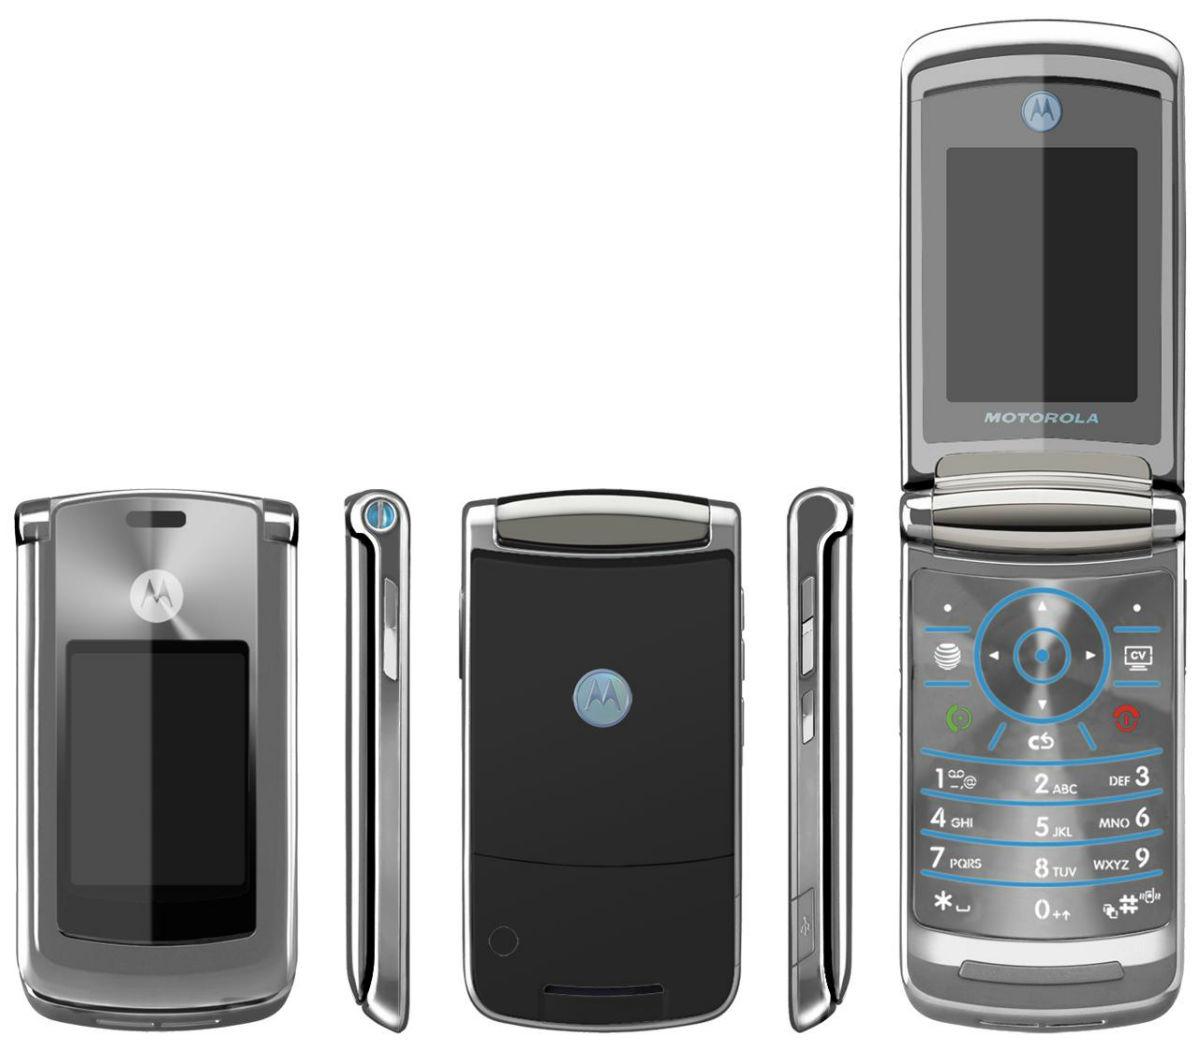 Celular Motorola Razr V8